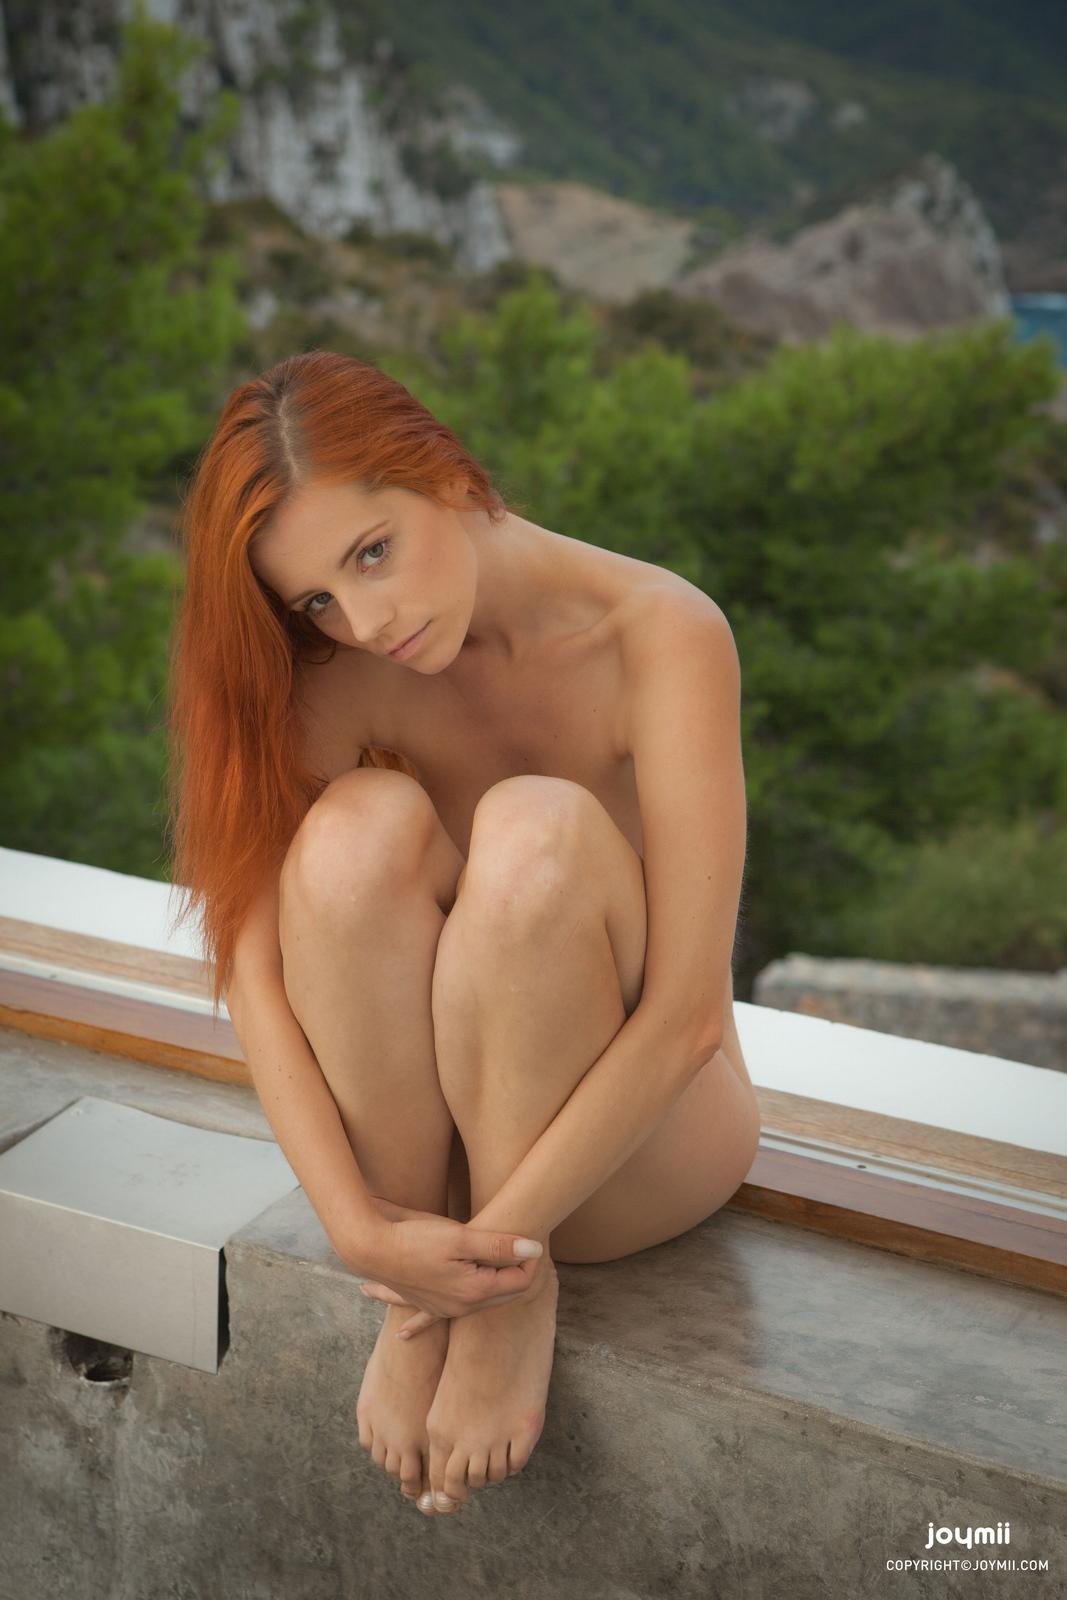 ariel-redhead-bathroom-naked-boobs-joymii-34